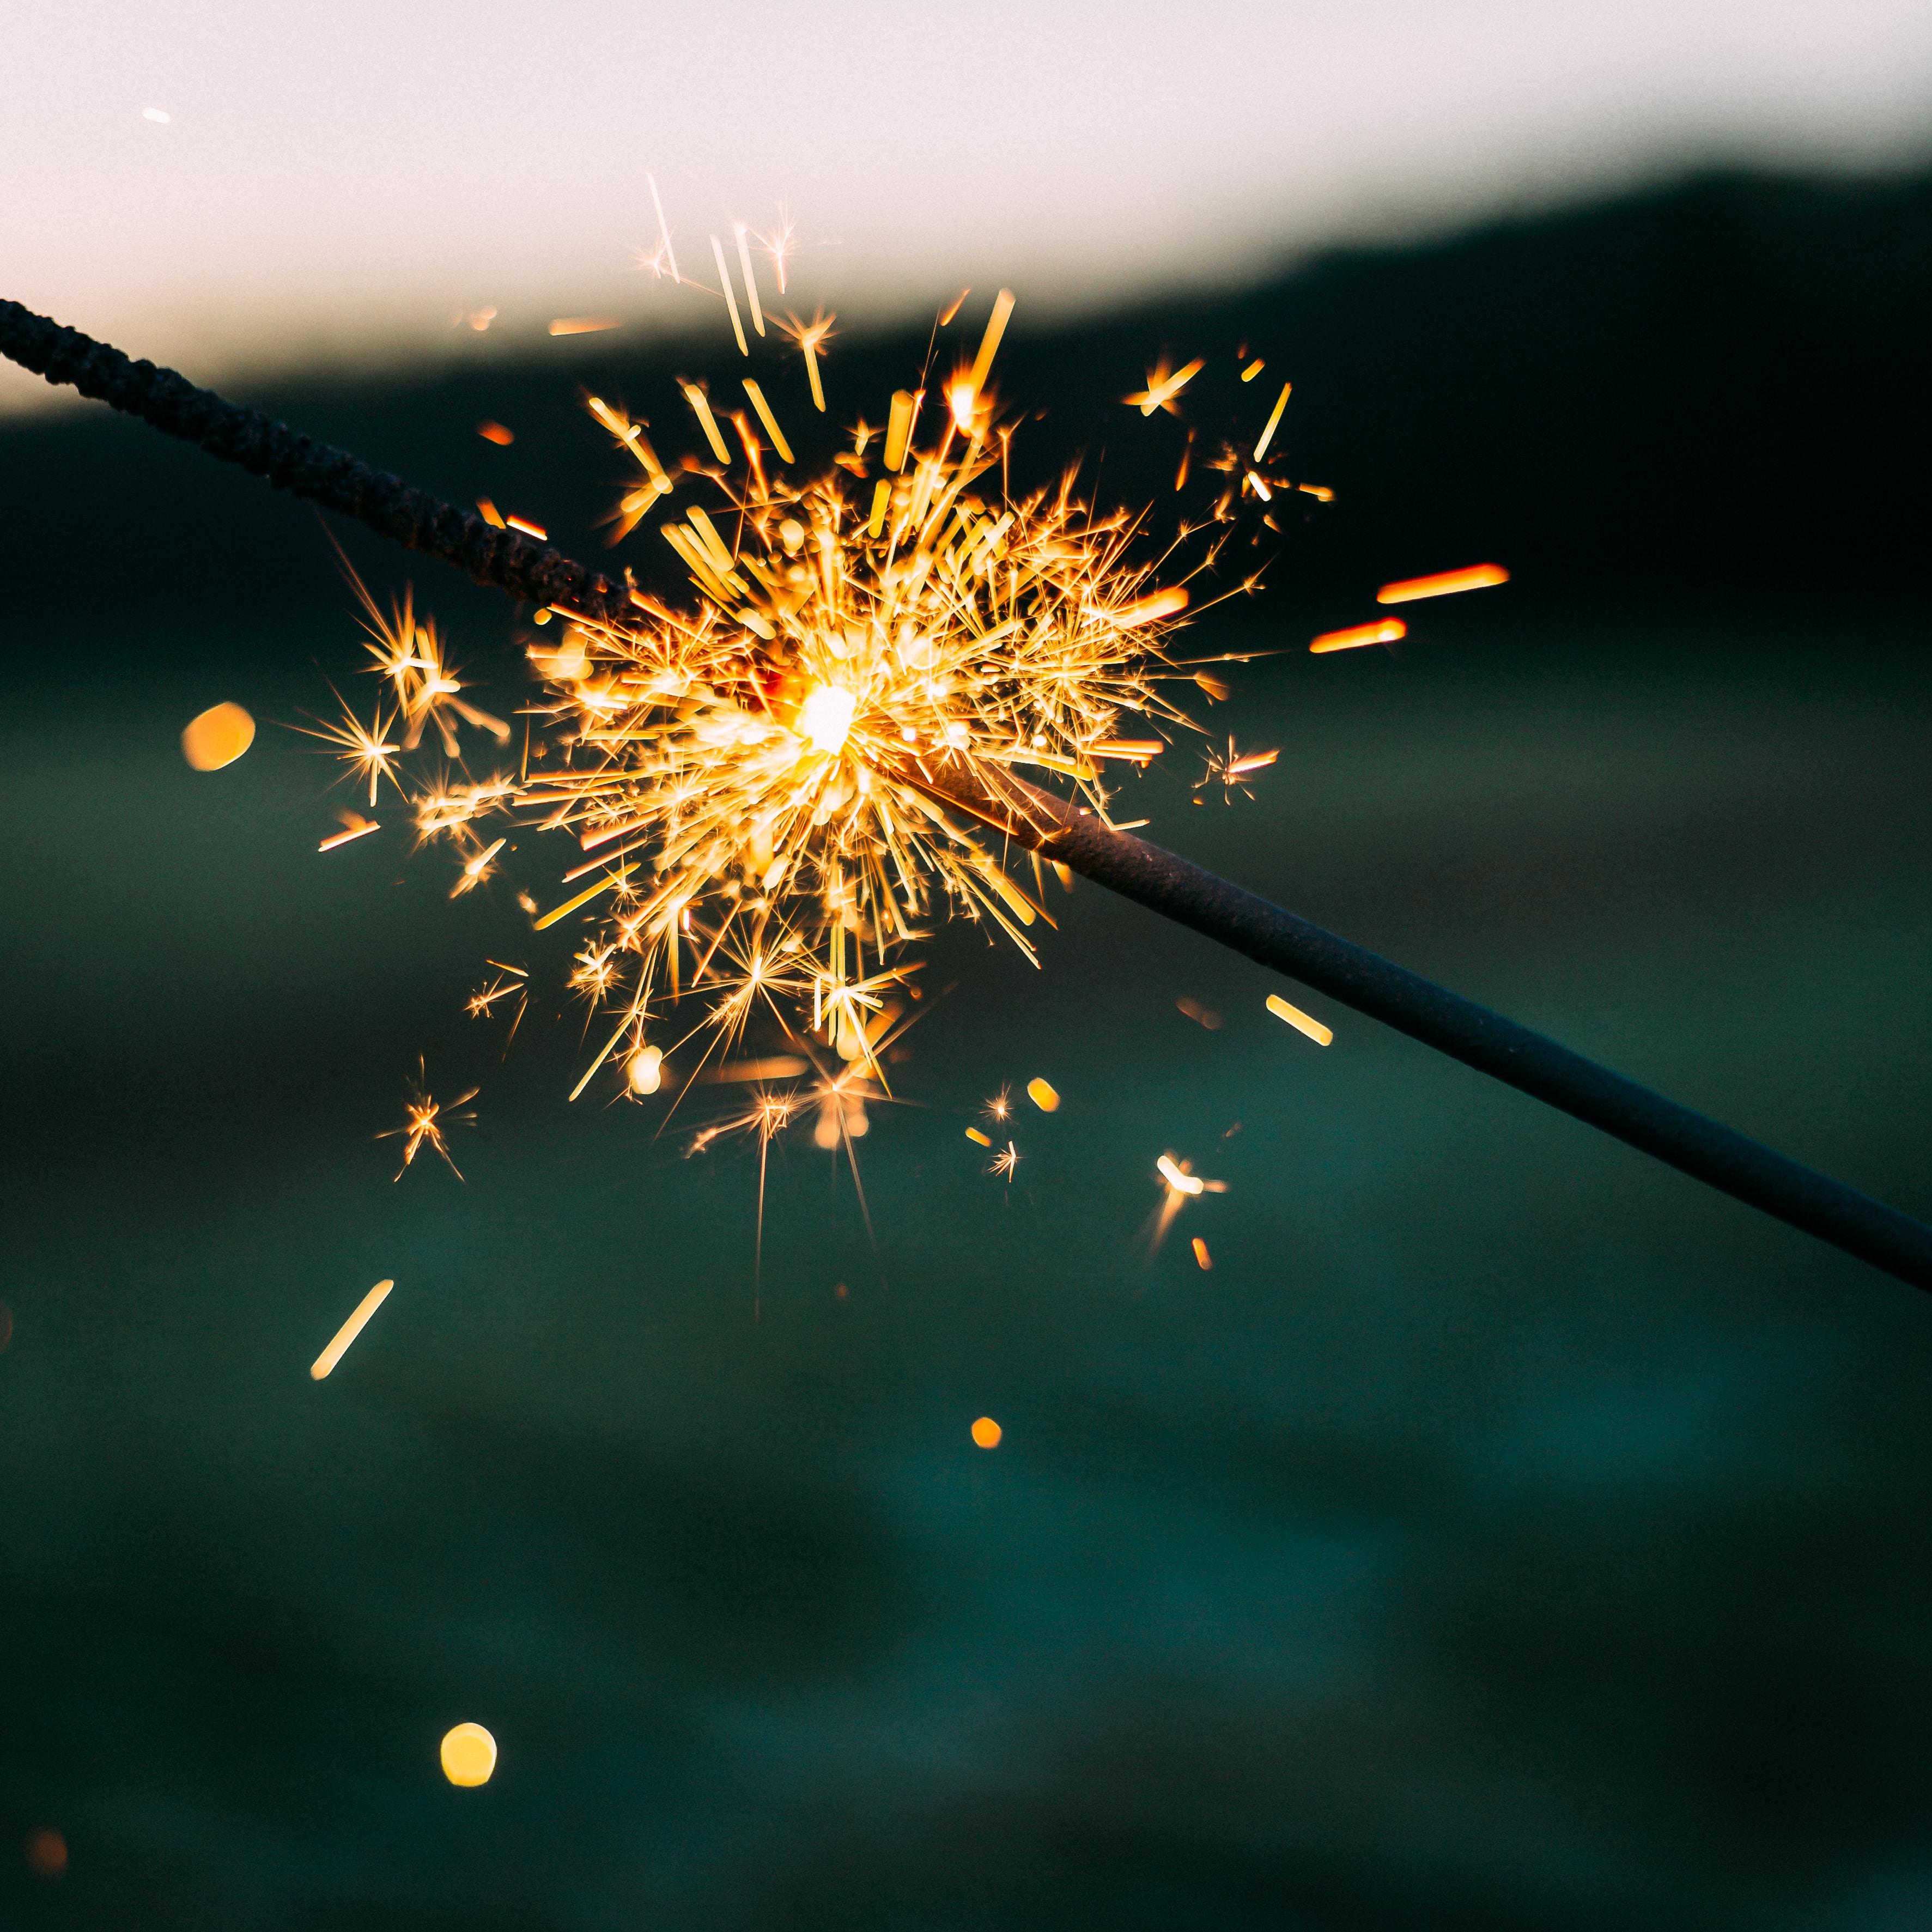 A sparkler burning out in Bonn